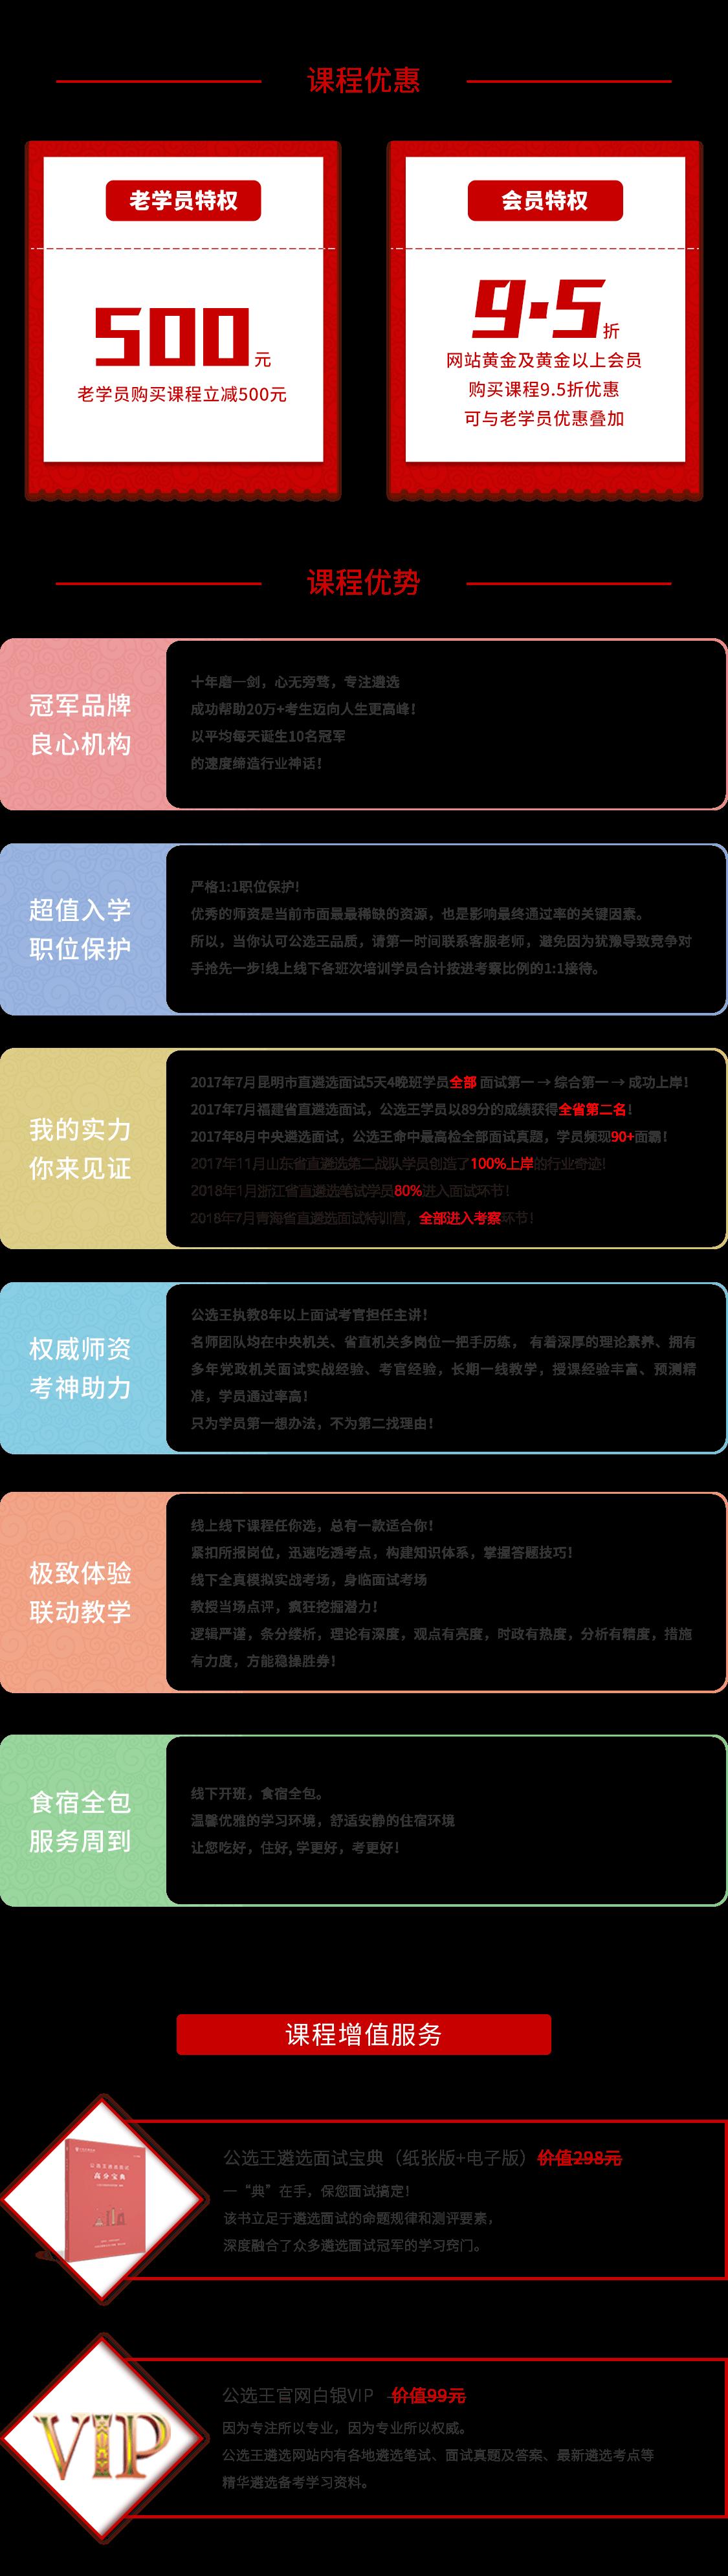 详细图.png